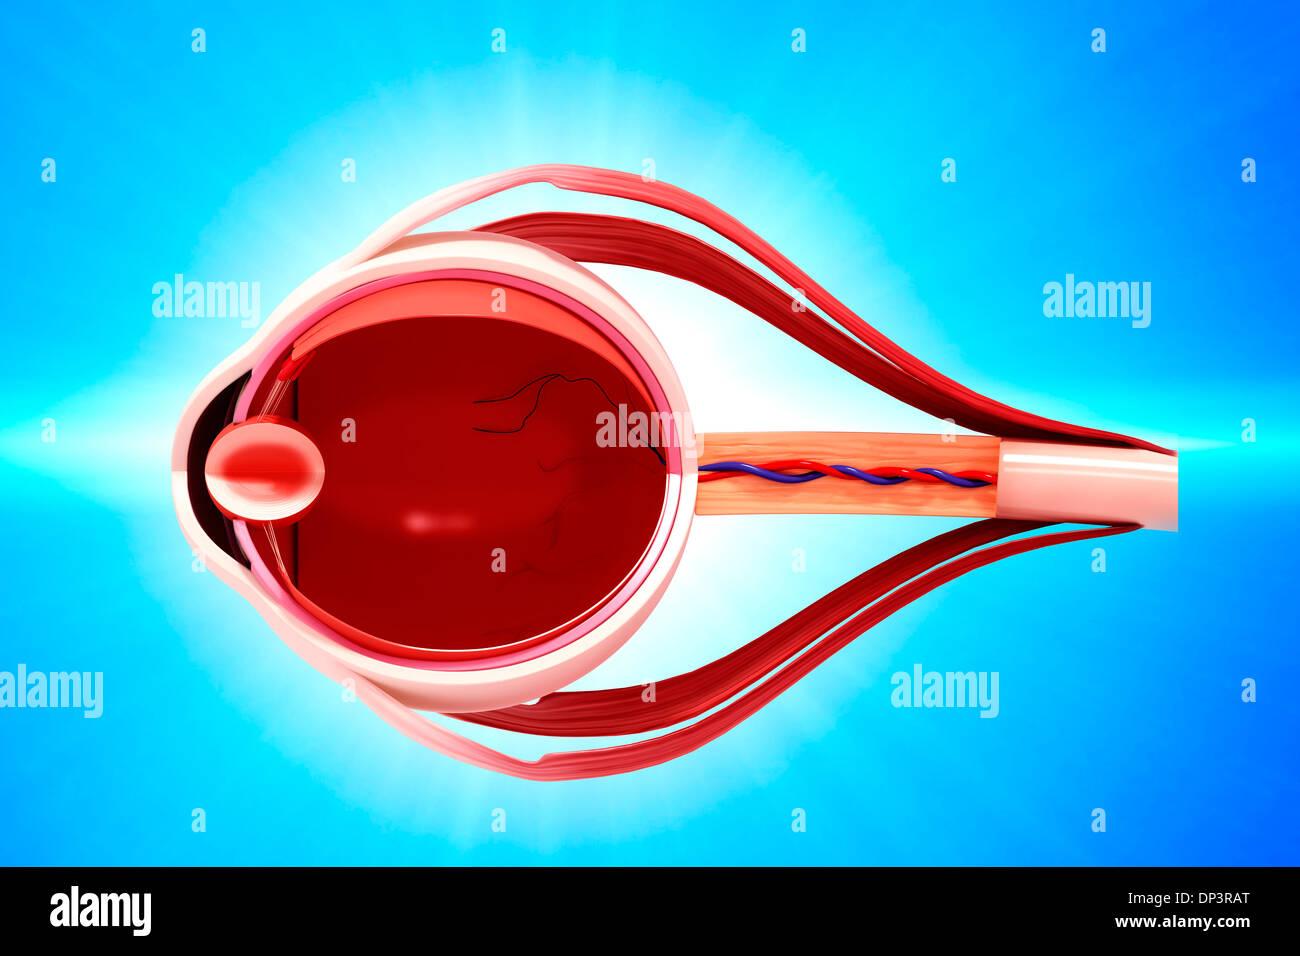 Human Eye Anatomy Stock Photos Human Eye Anatomy Stock Images